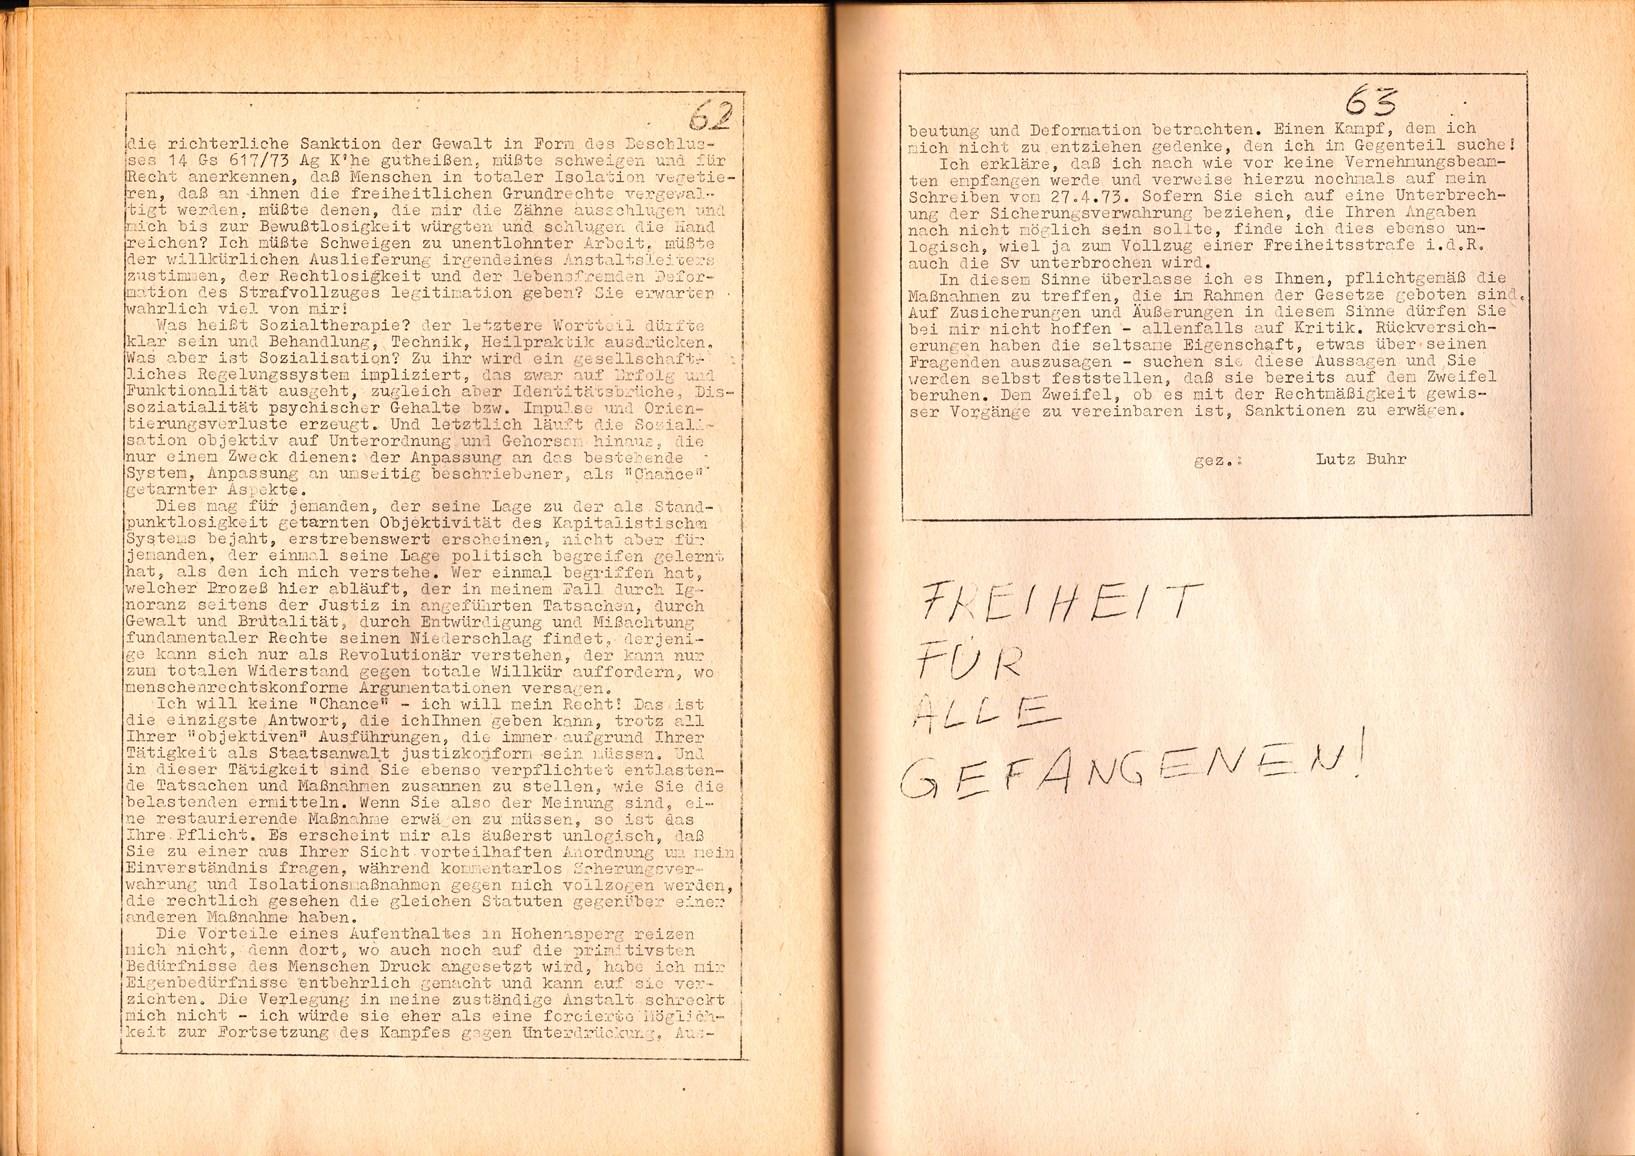 Wetzlar_Marburg_RH_SK_Lutz_Buhr_Knast_1973_32